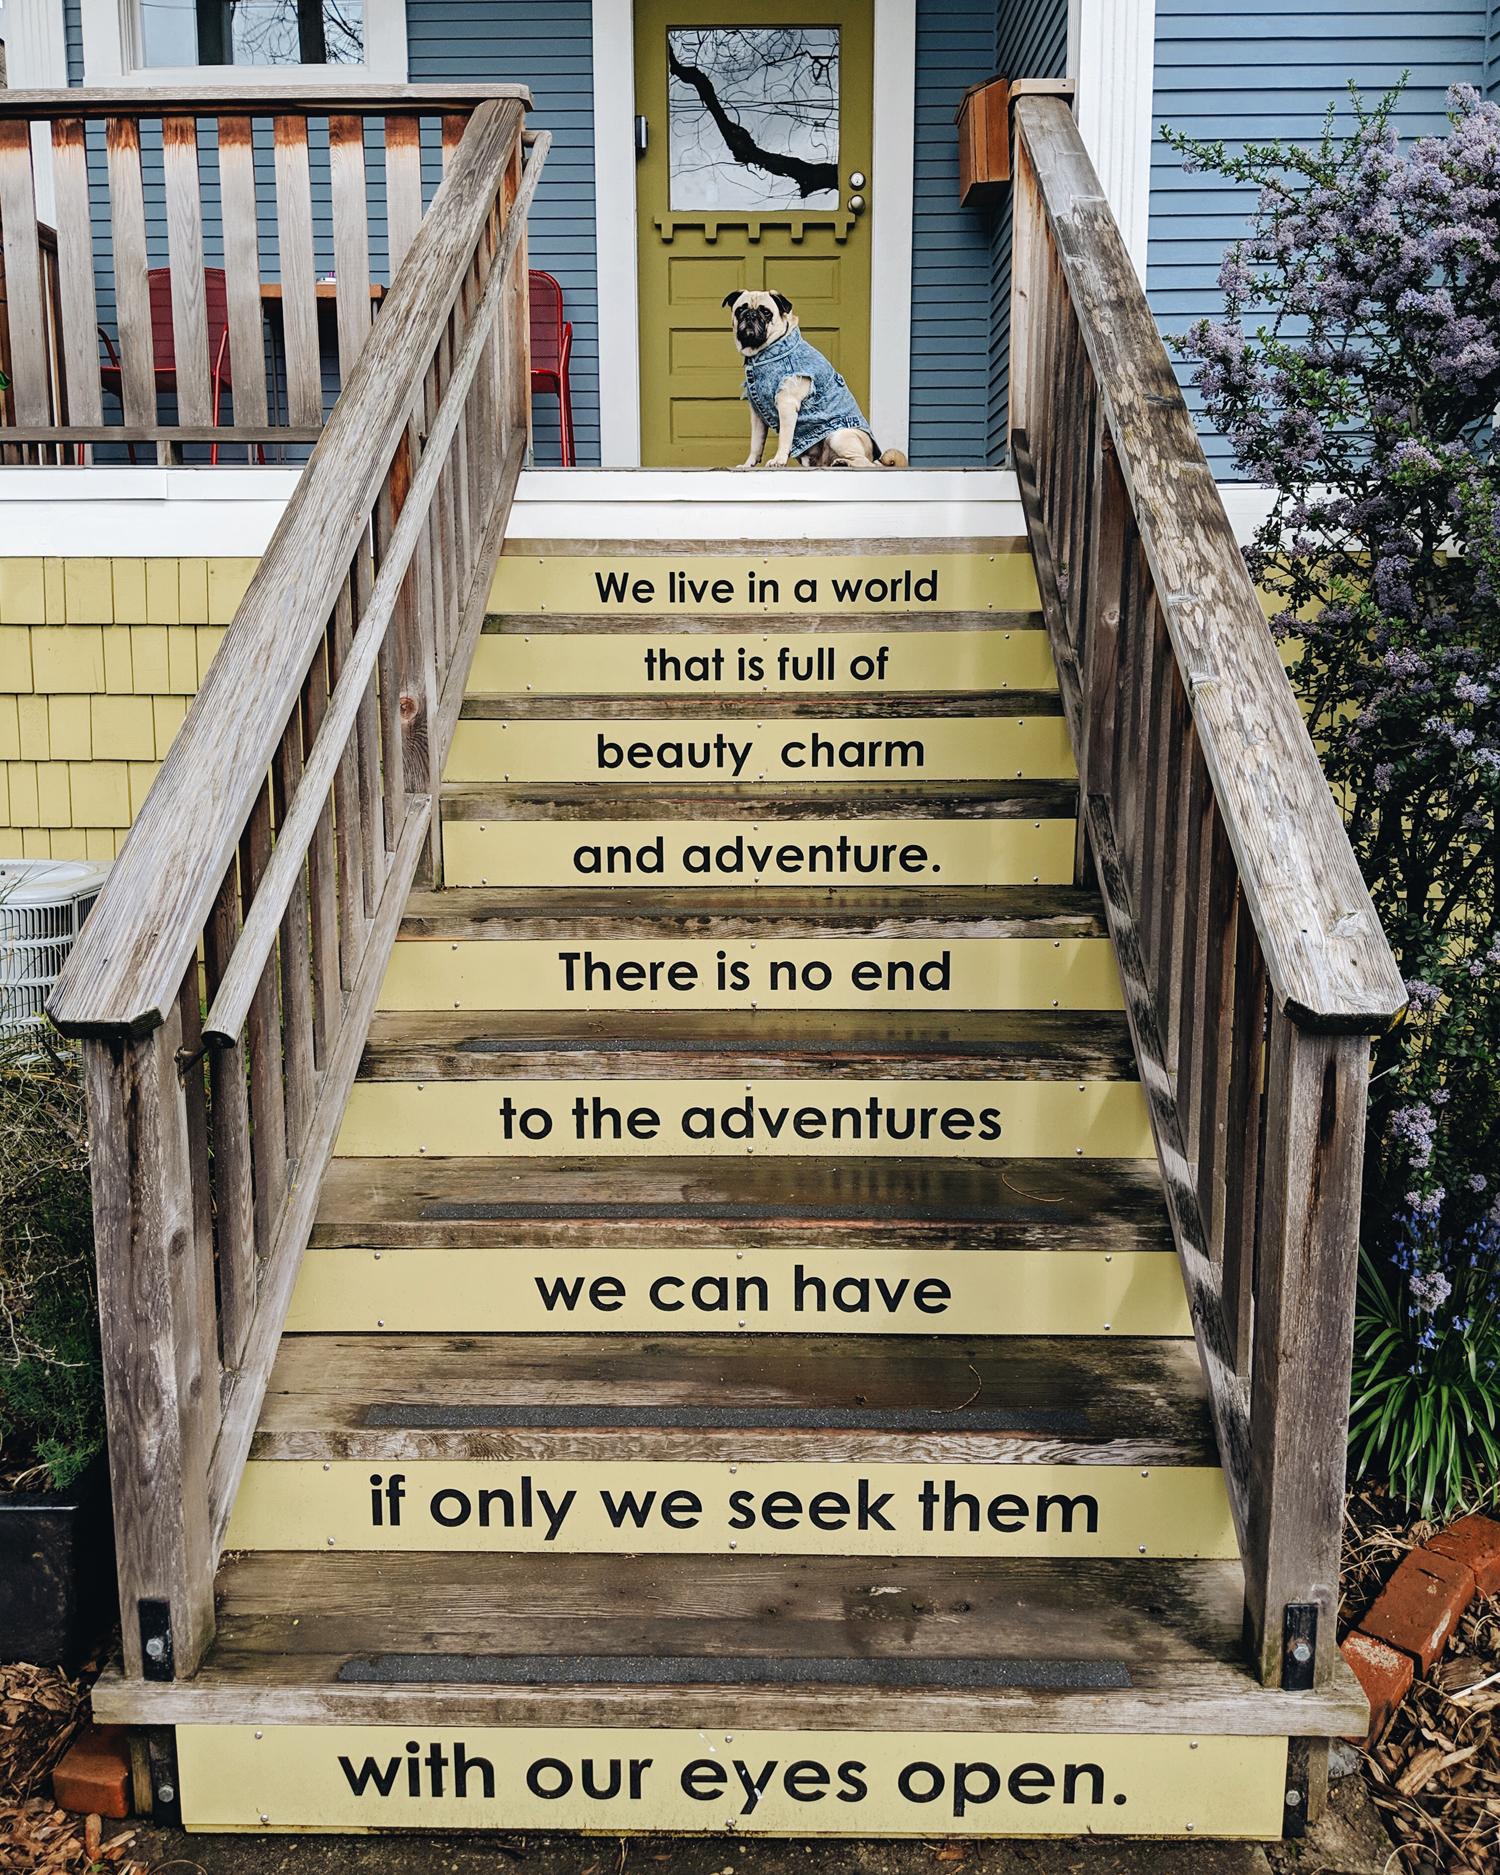 Portland-dogfriendly-travel-travelwithyourdog-woodenshoetulipfestival-2019-dogstraveling-dogblog-pug-dogmomblog-newyorkblog-visitportland5.jpg